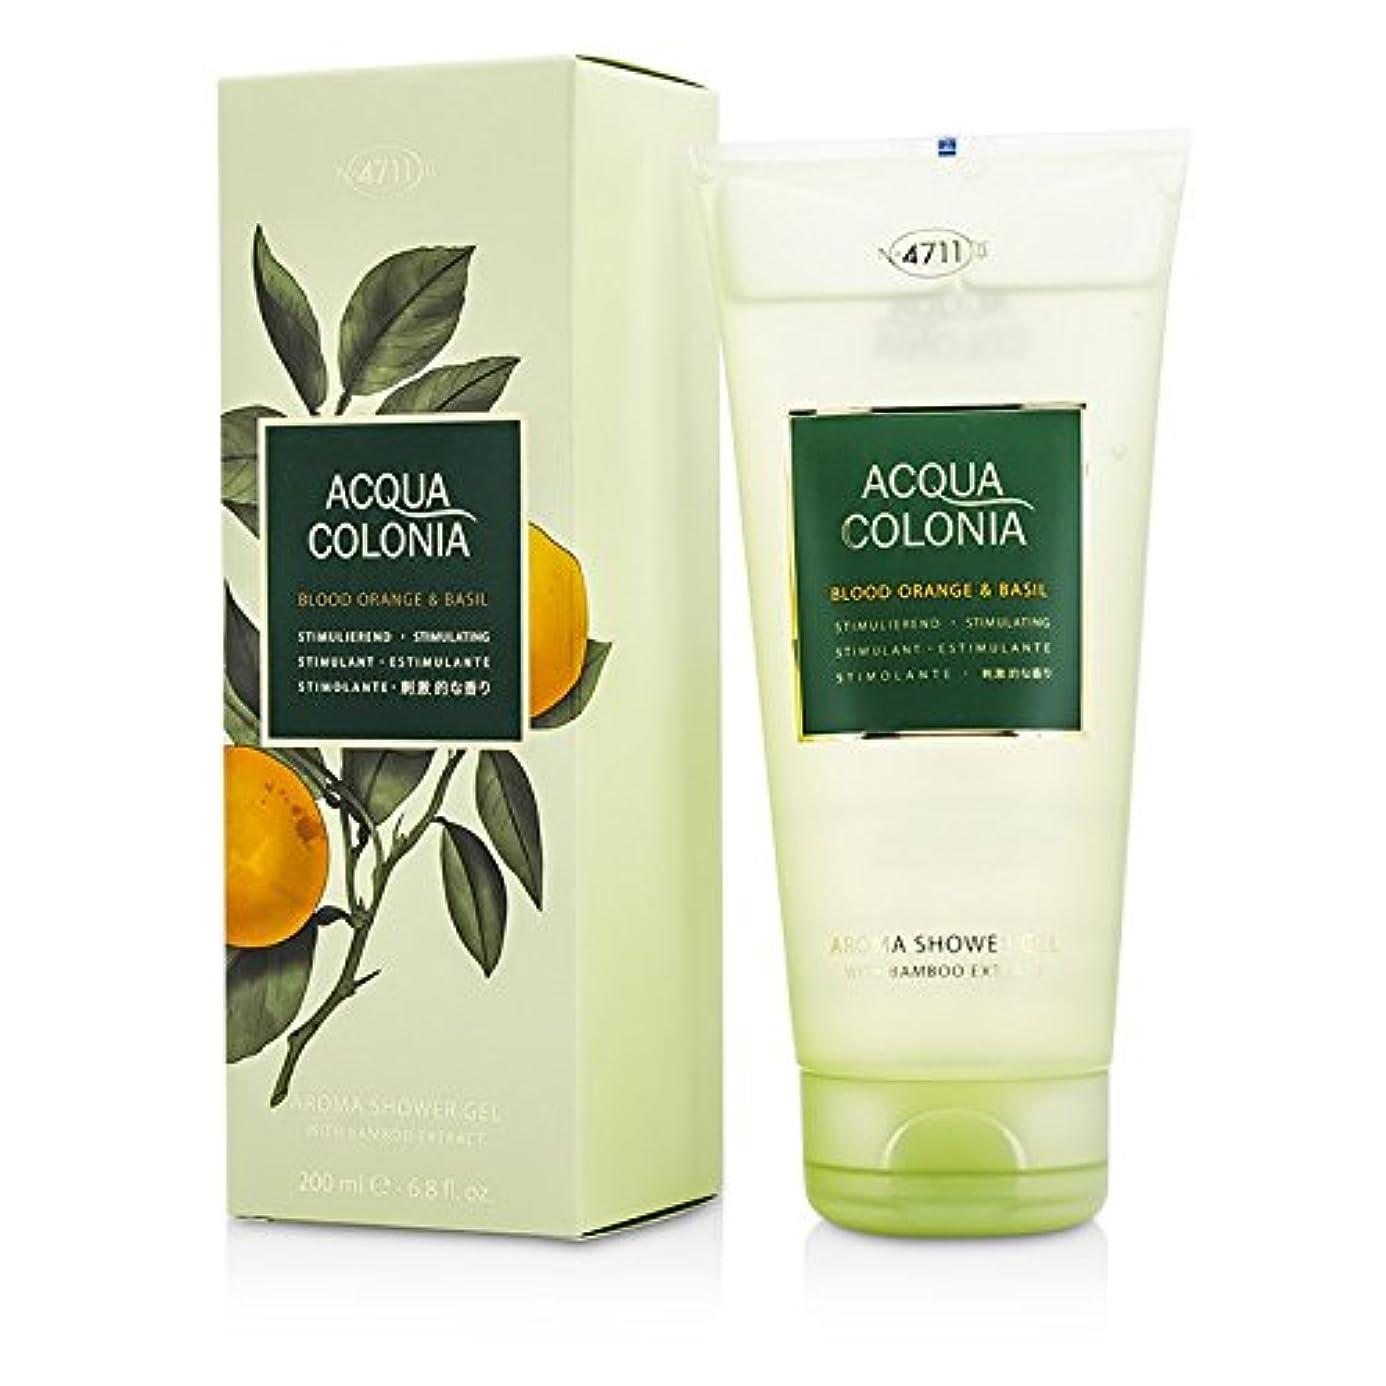 色合い摂動いいね4711 アクア コロニア ブラッドオレンジ&バジル アロマシャワージェル 200ml/6.8oz並行輸入品